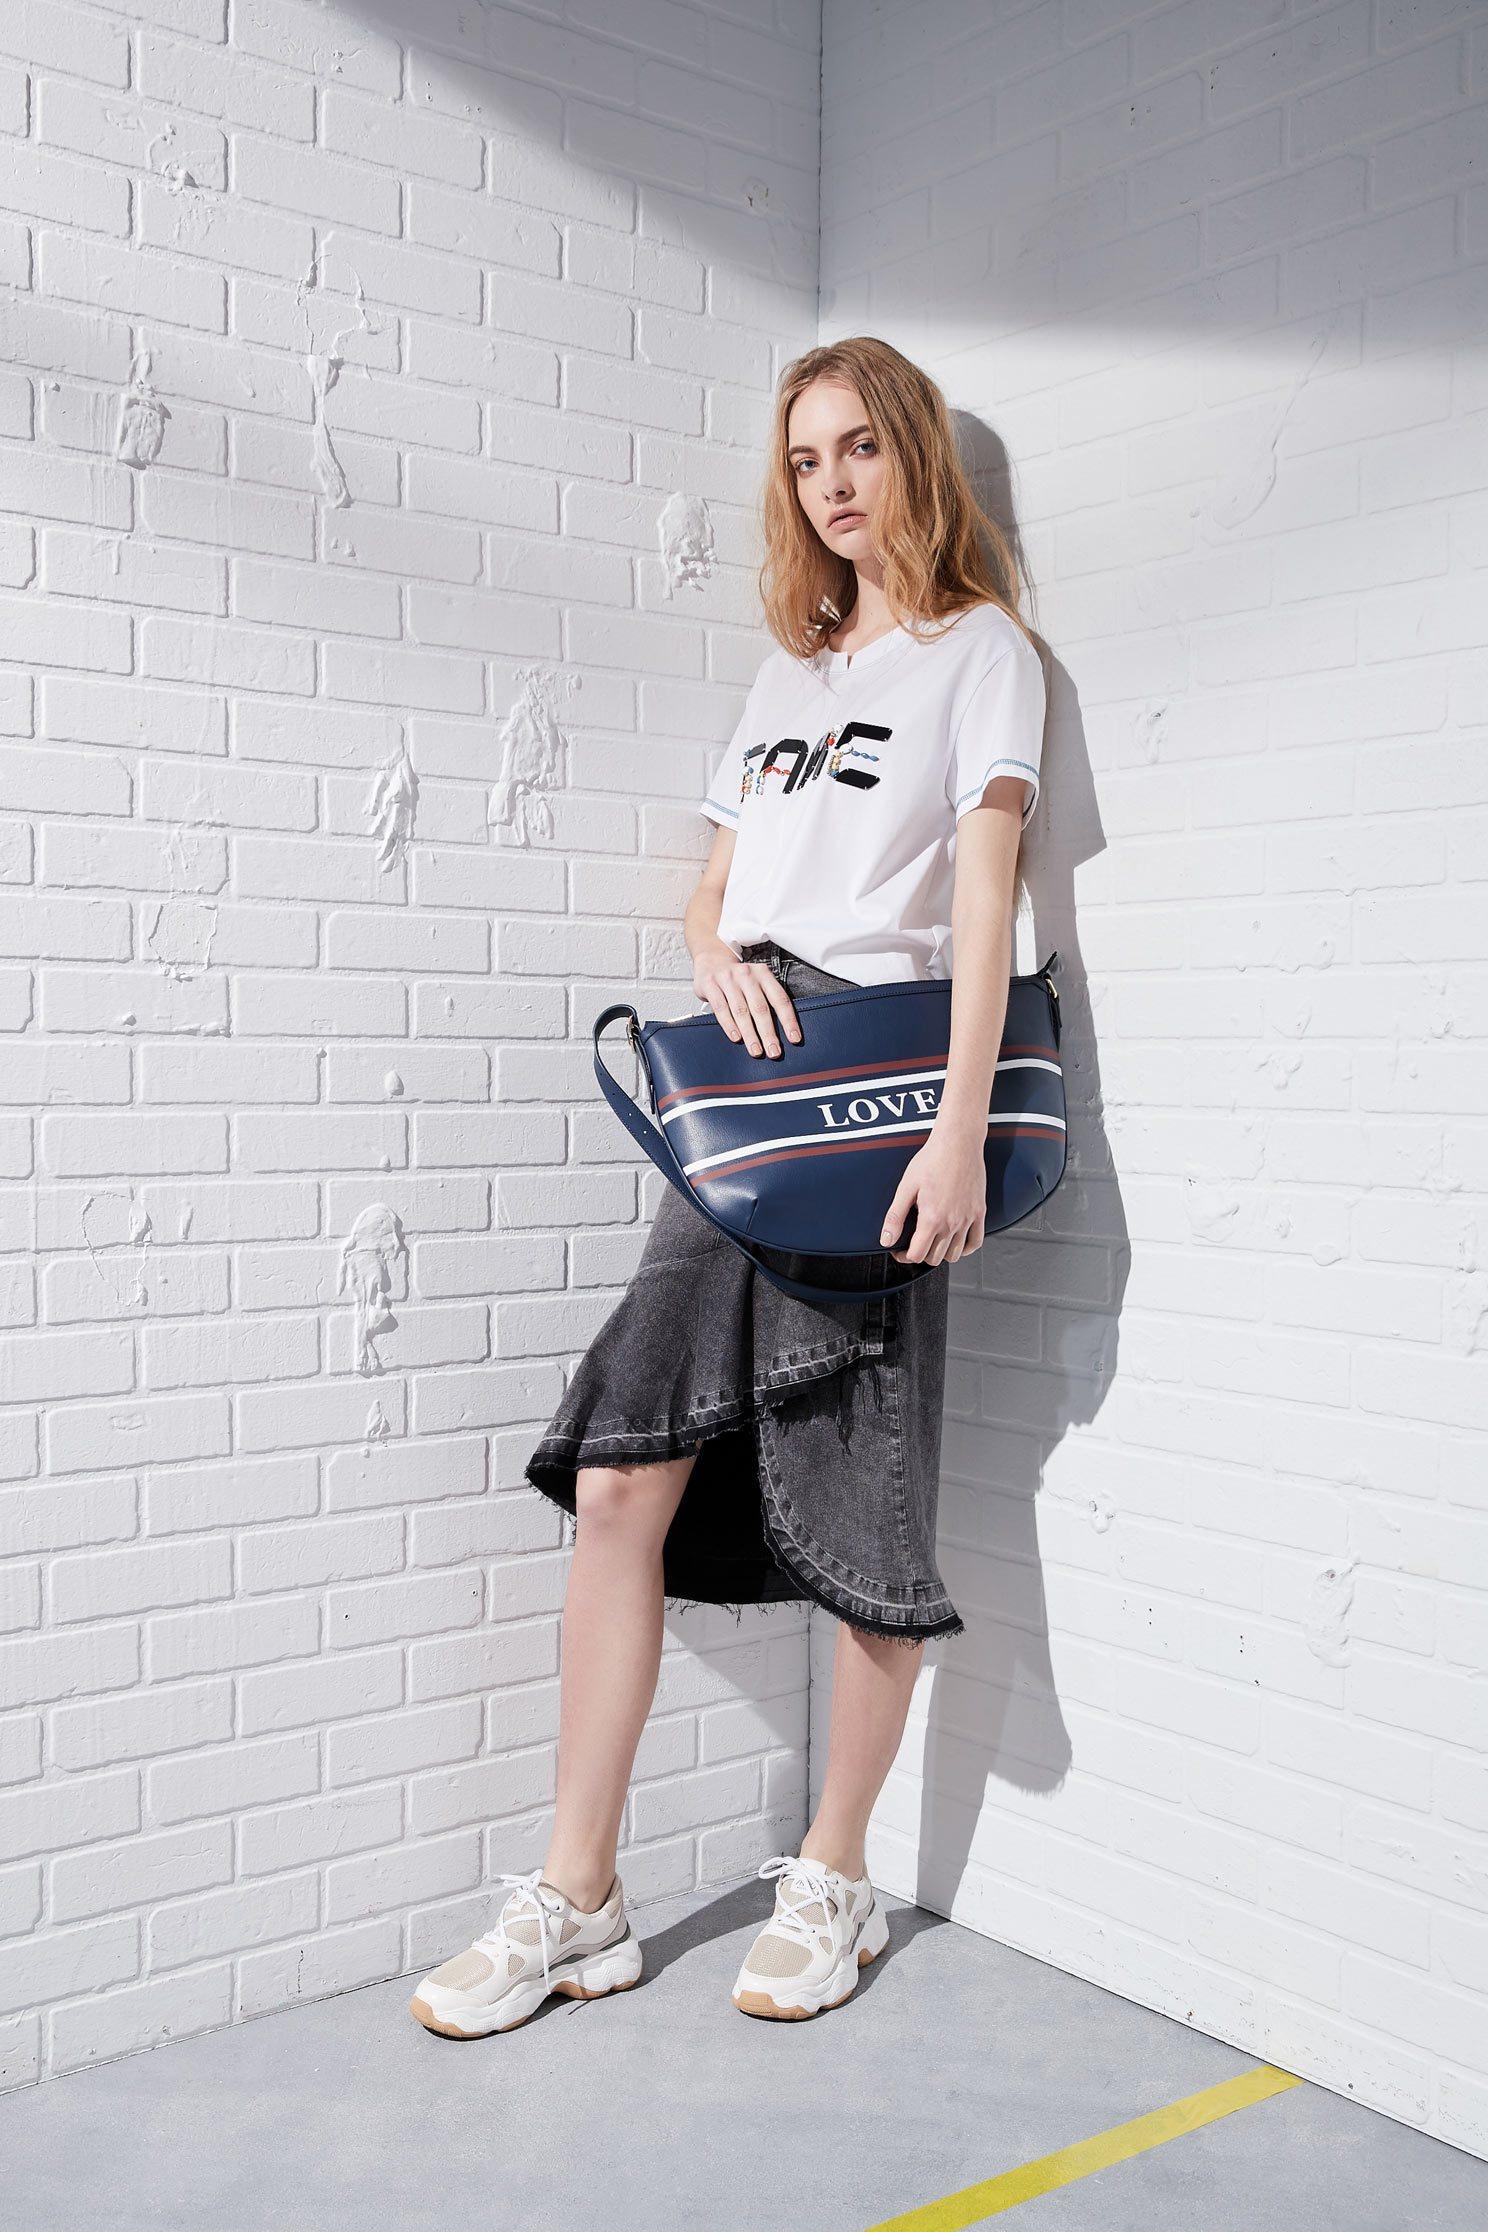 LOVE Large hobo bag,slingbag,firesigns,shoulderbag